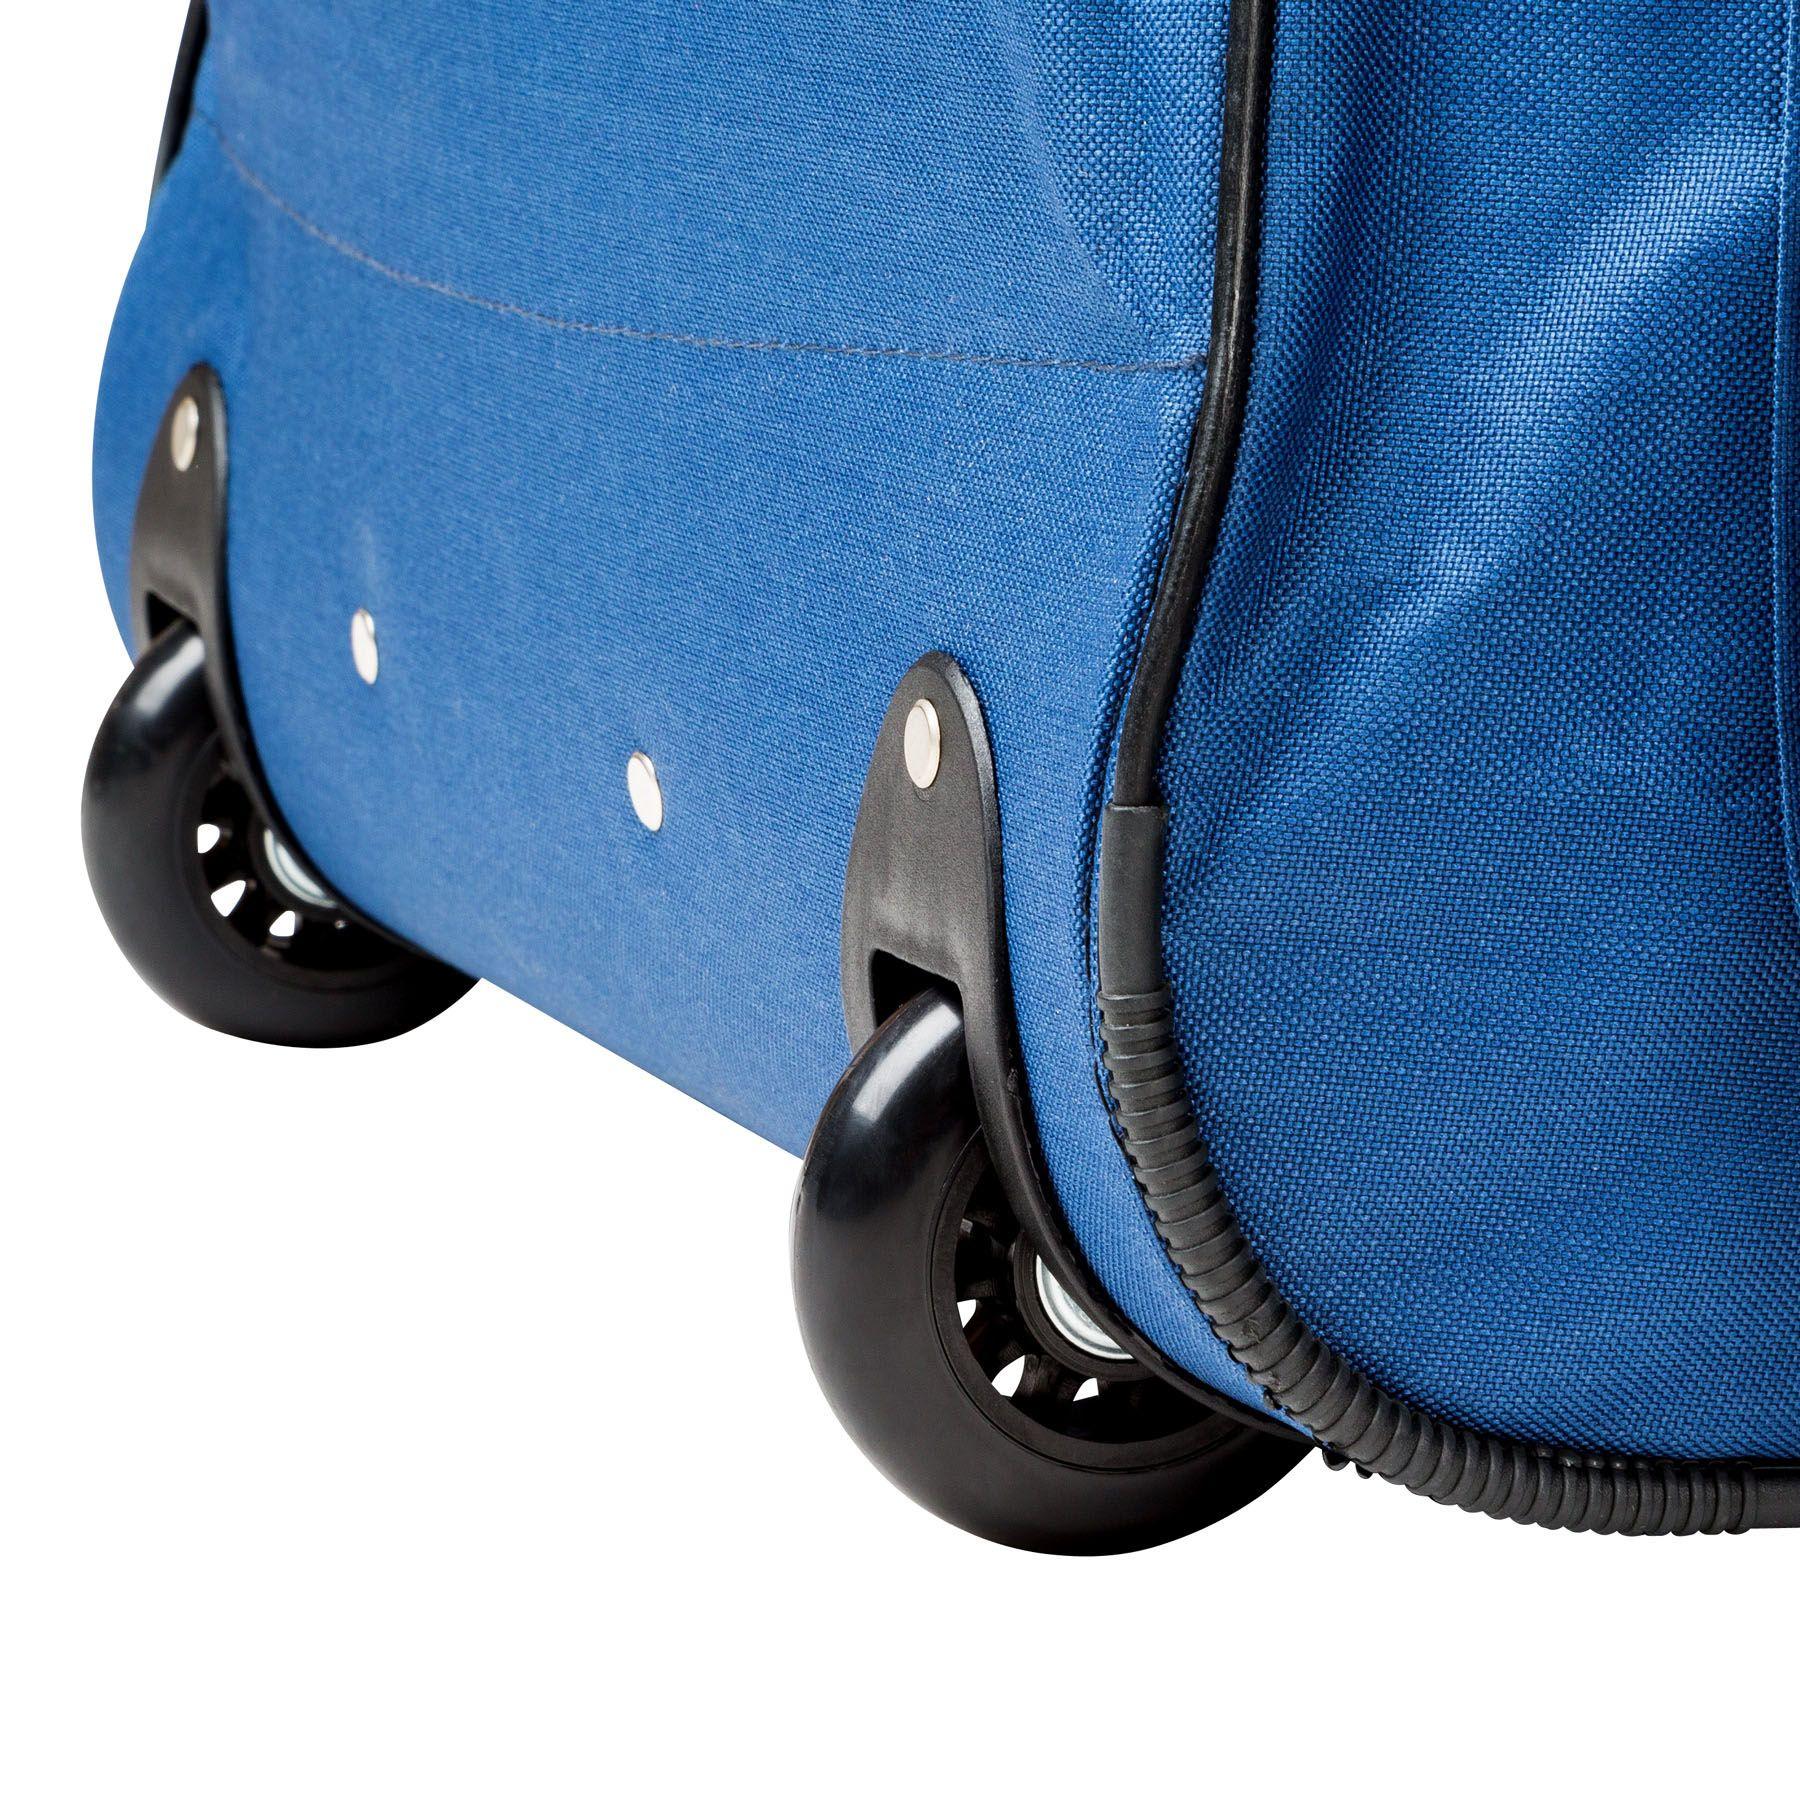 402215_7 Sac de voyage XXL valise trolley légère sport bagage à roulettes 160 litres